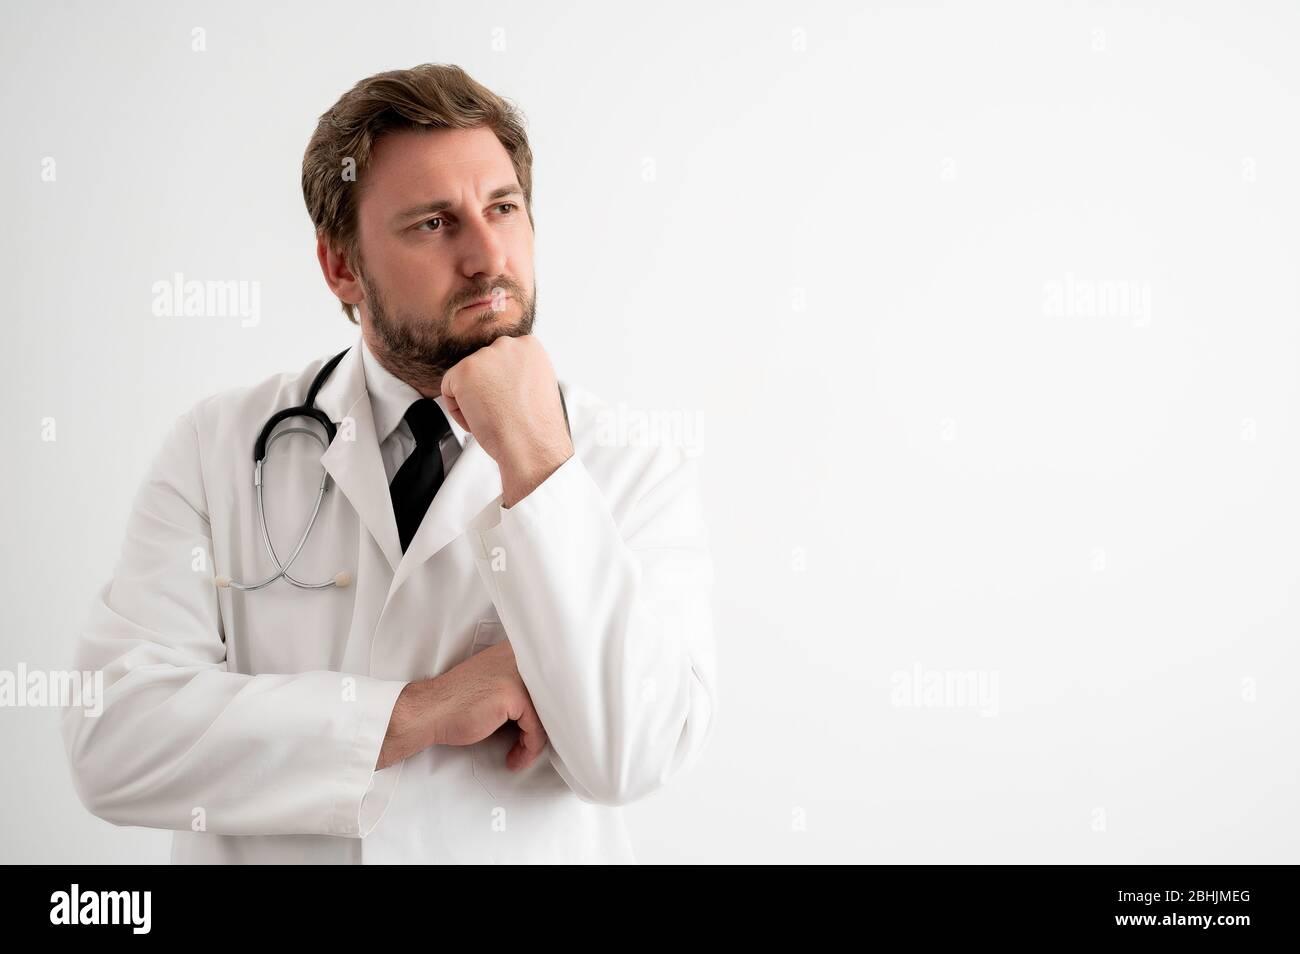 Portrait d'un médecin mâle avec stéthoscope en uniforme médical tenant la main sous son menton, ayant douté poser sur un fond blanc isolé Banque D'Images